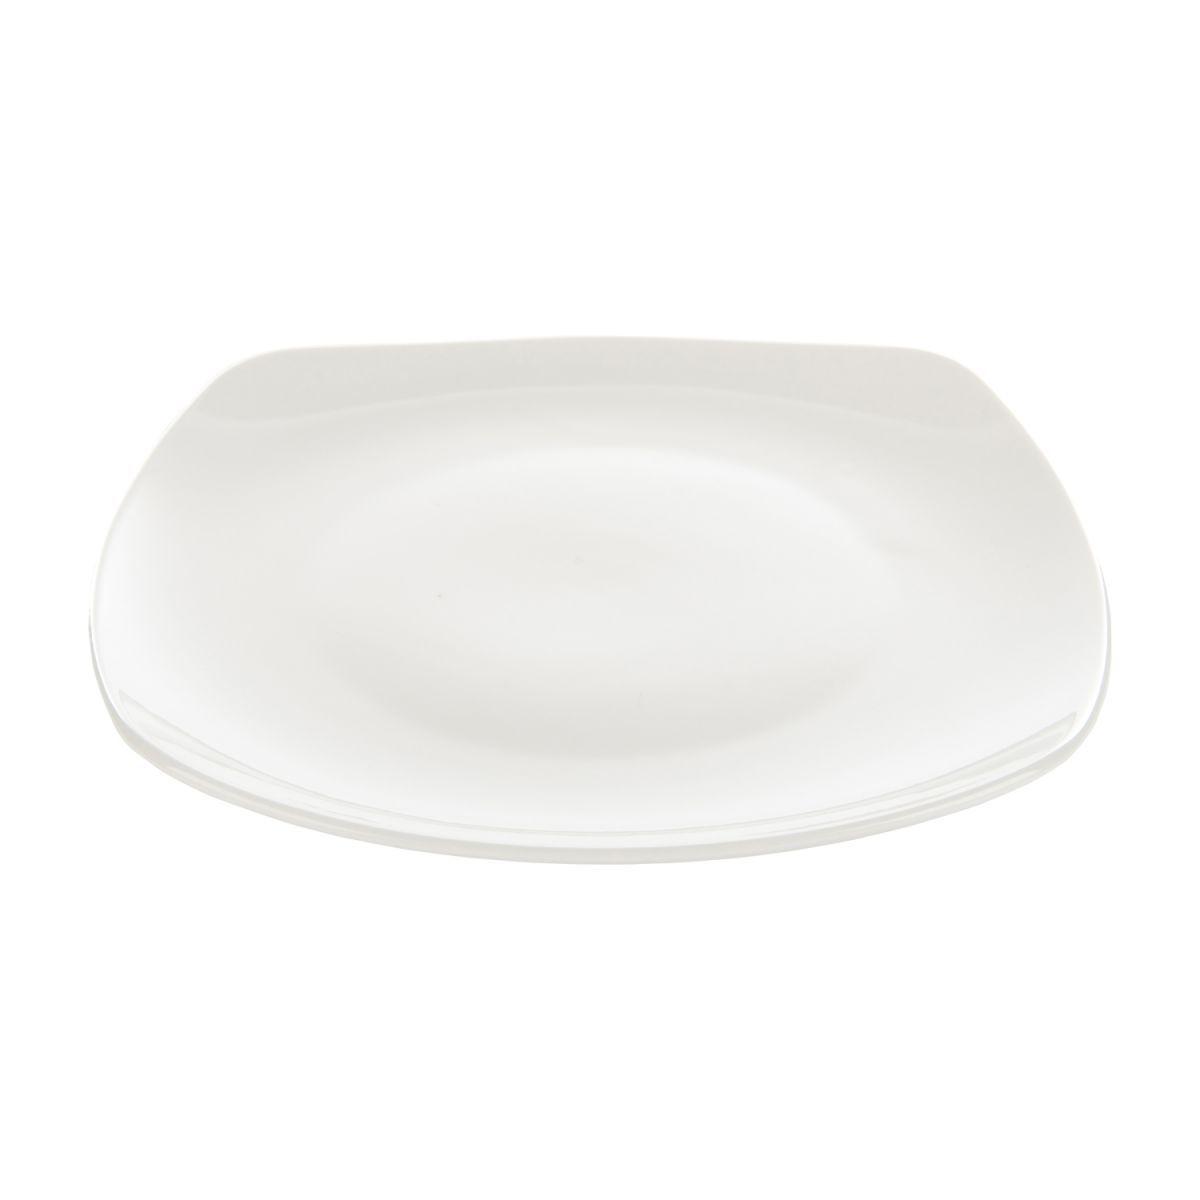 plate plain 25x25x25cm box6